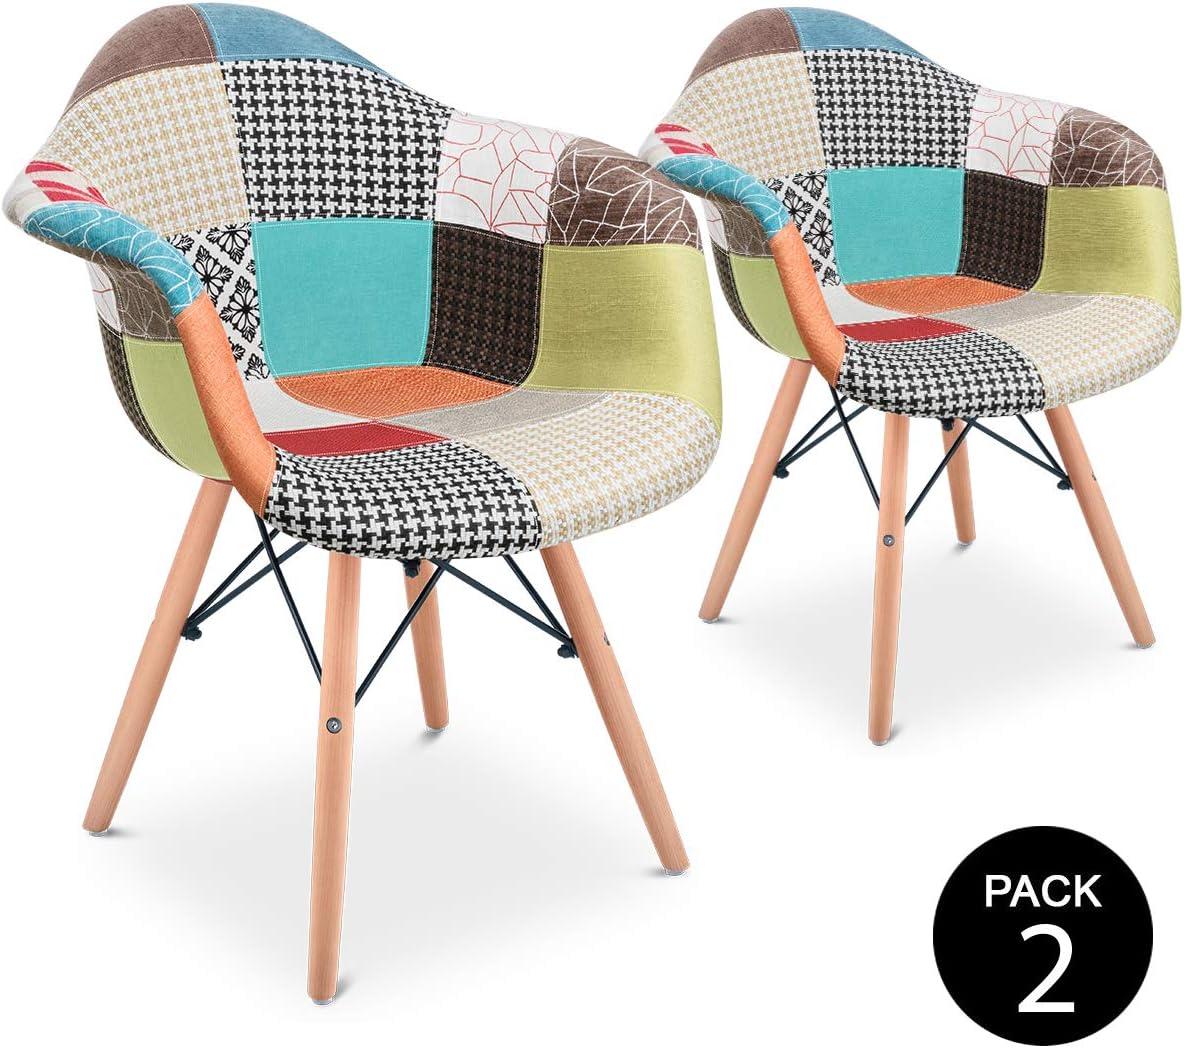 Mc Haus AURA Patchwork - Pack 2 Sillones Comedor estilo Vintage patchwork tower, Butaca con reposabrazos y diseño tapizado con patas de Madera Maciza 54x64x80cm